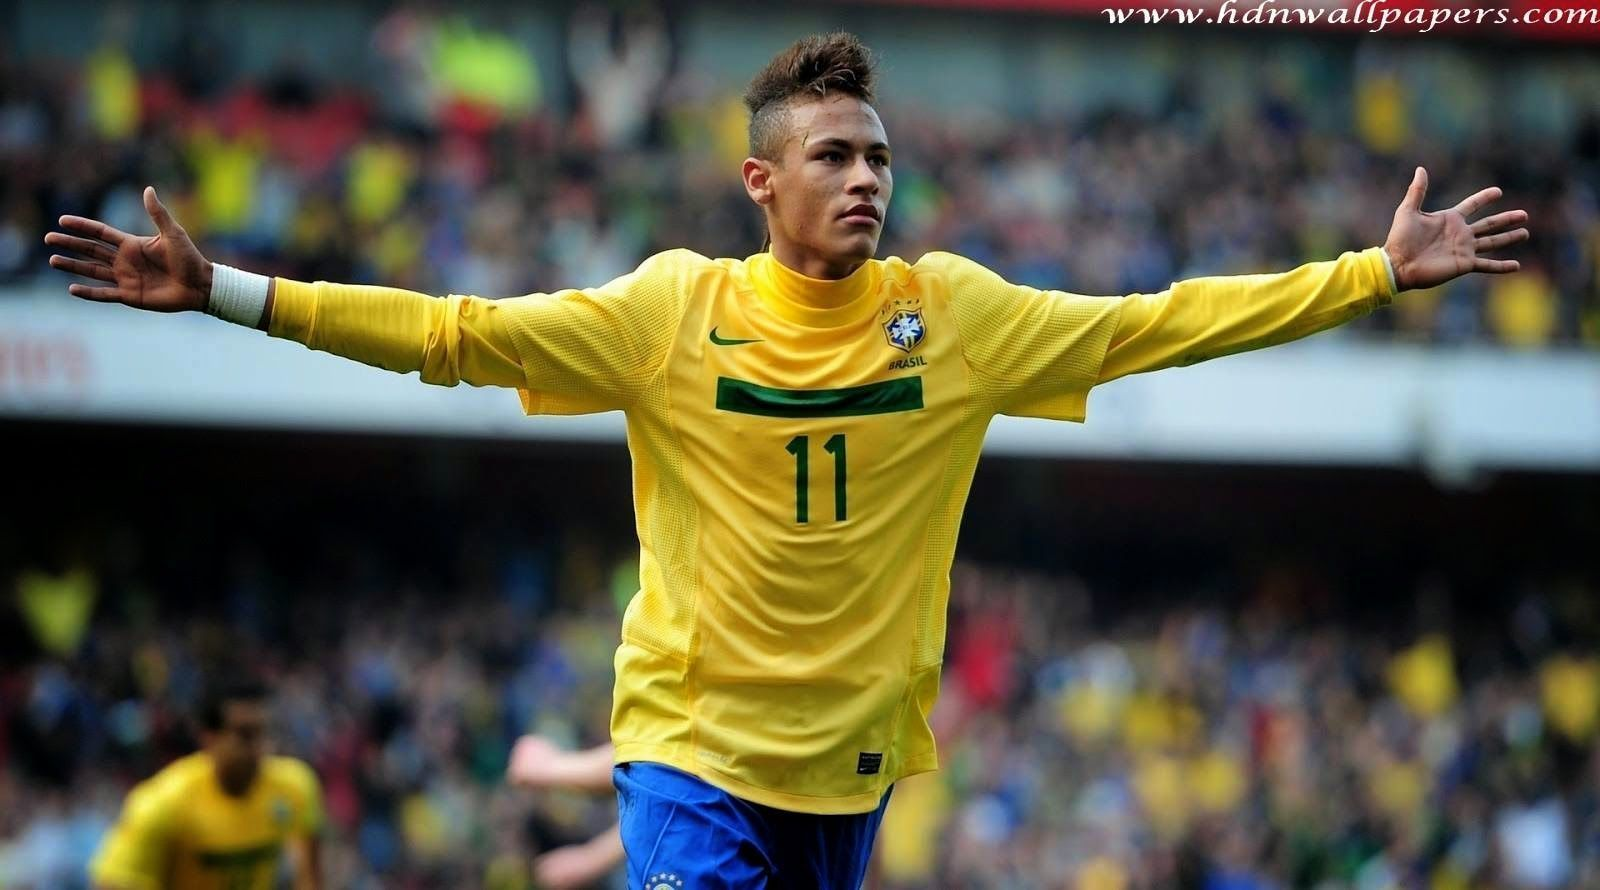 Neymar Brazil Wallpapers 2015 HD